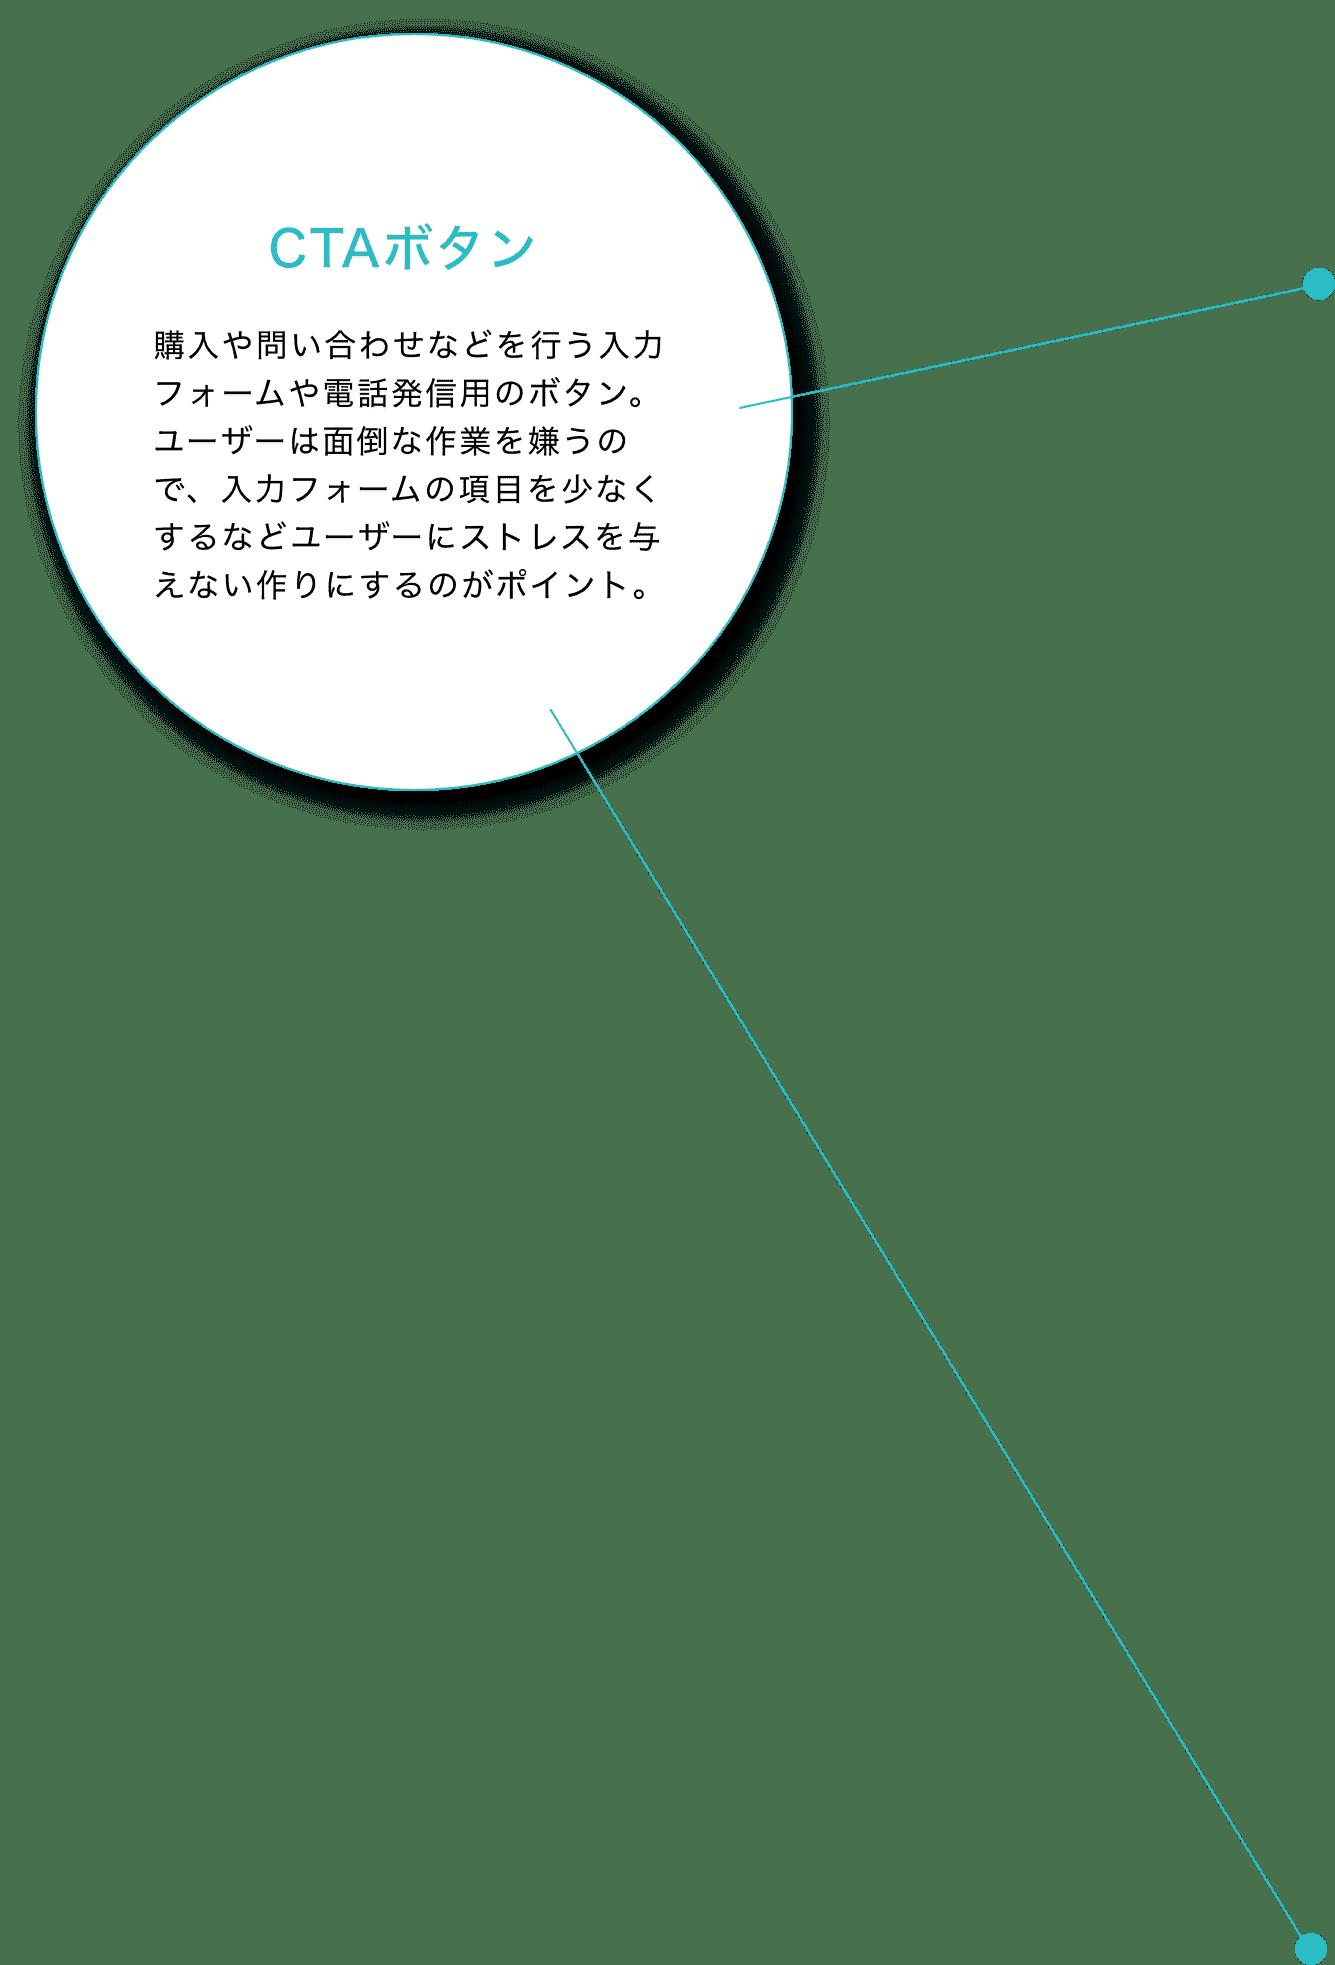 CTAボタン